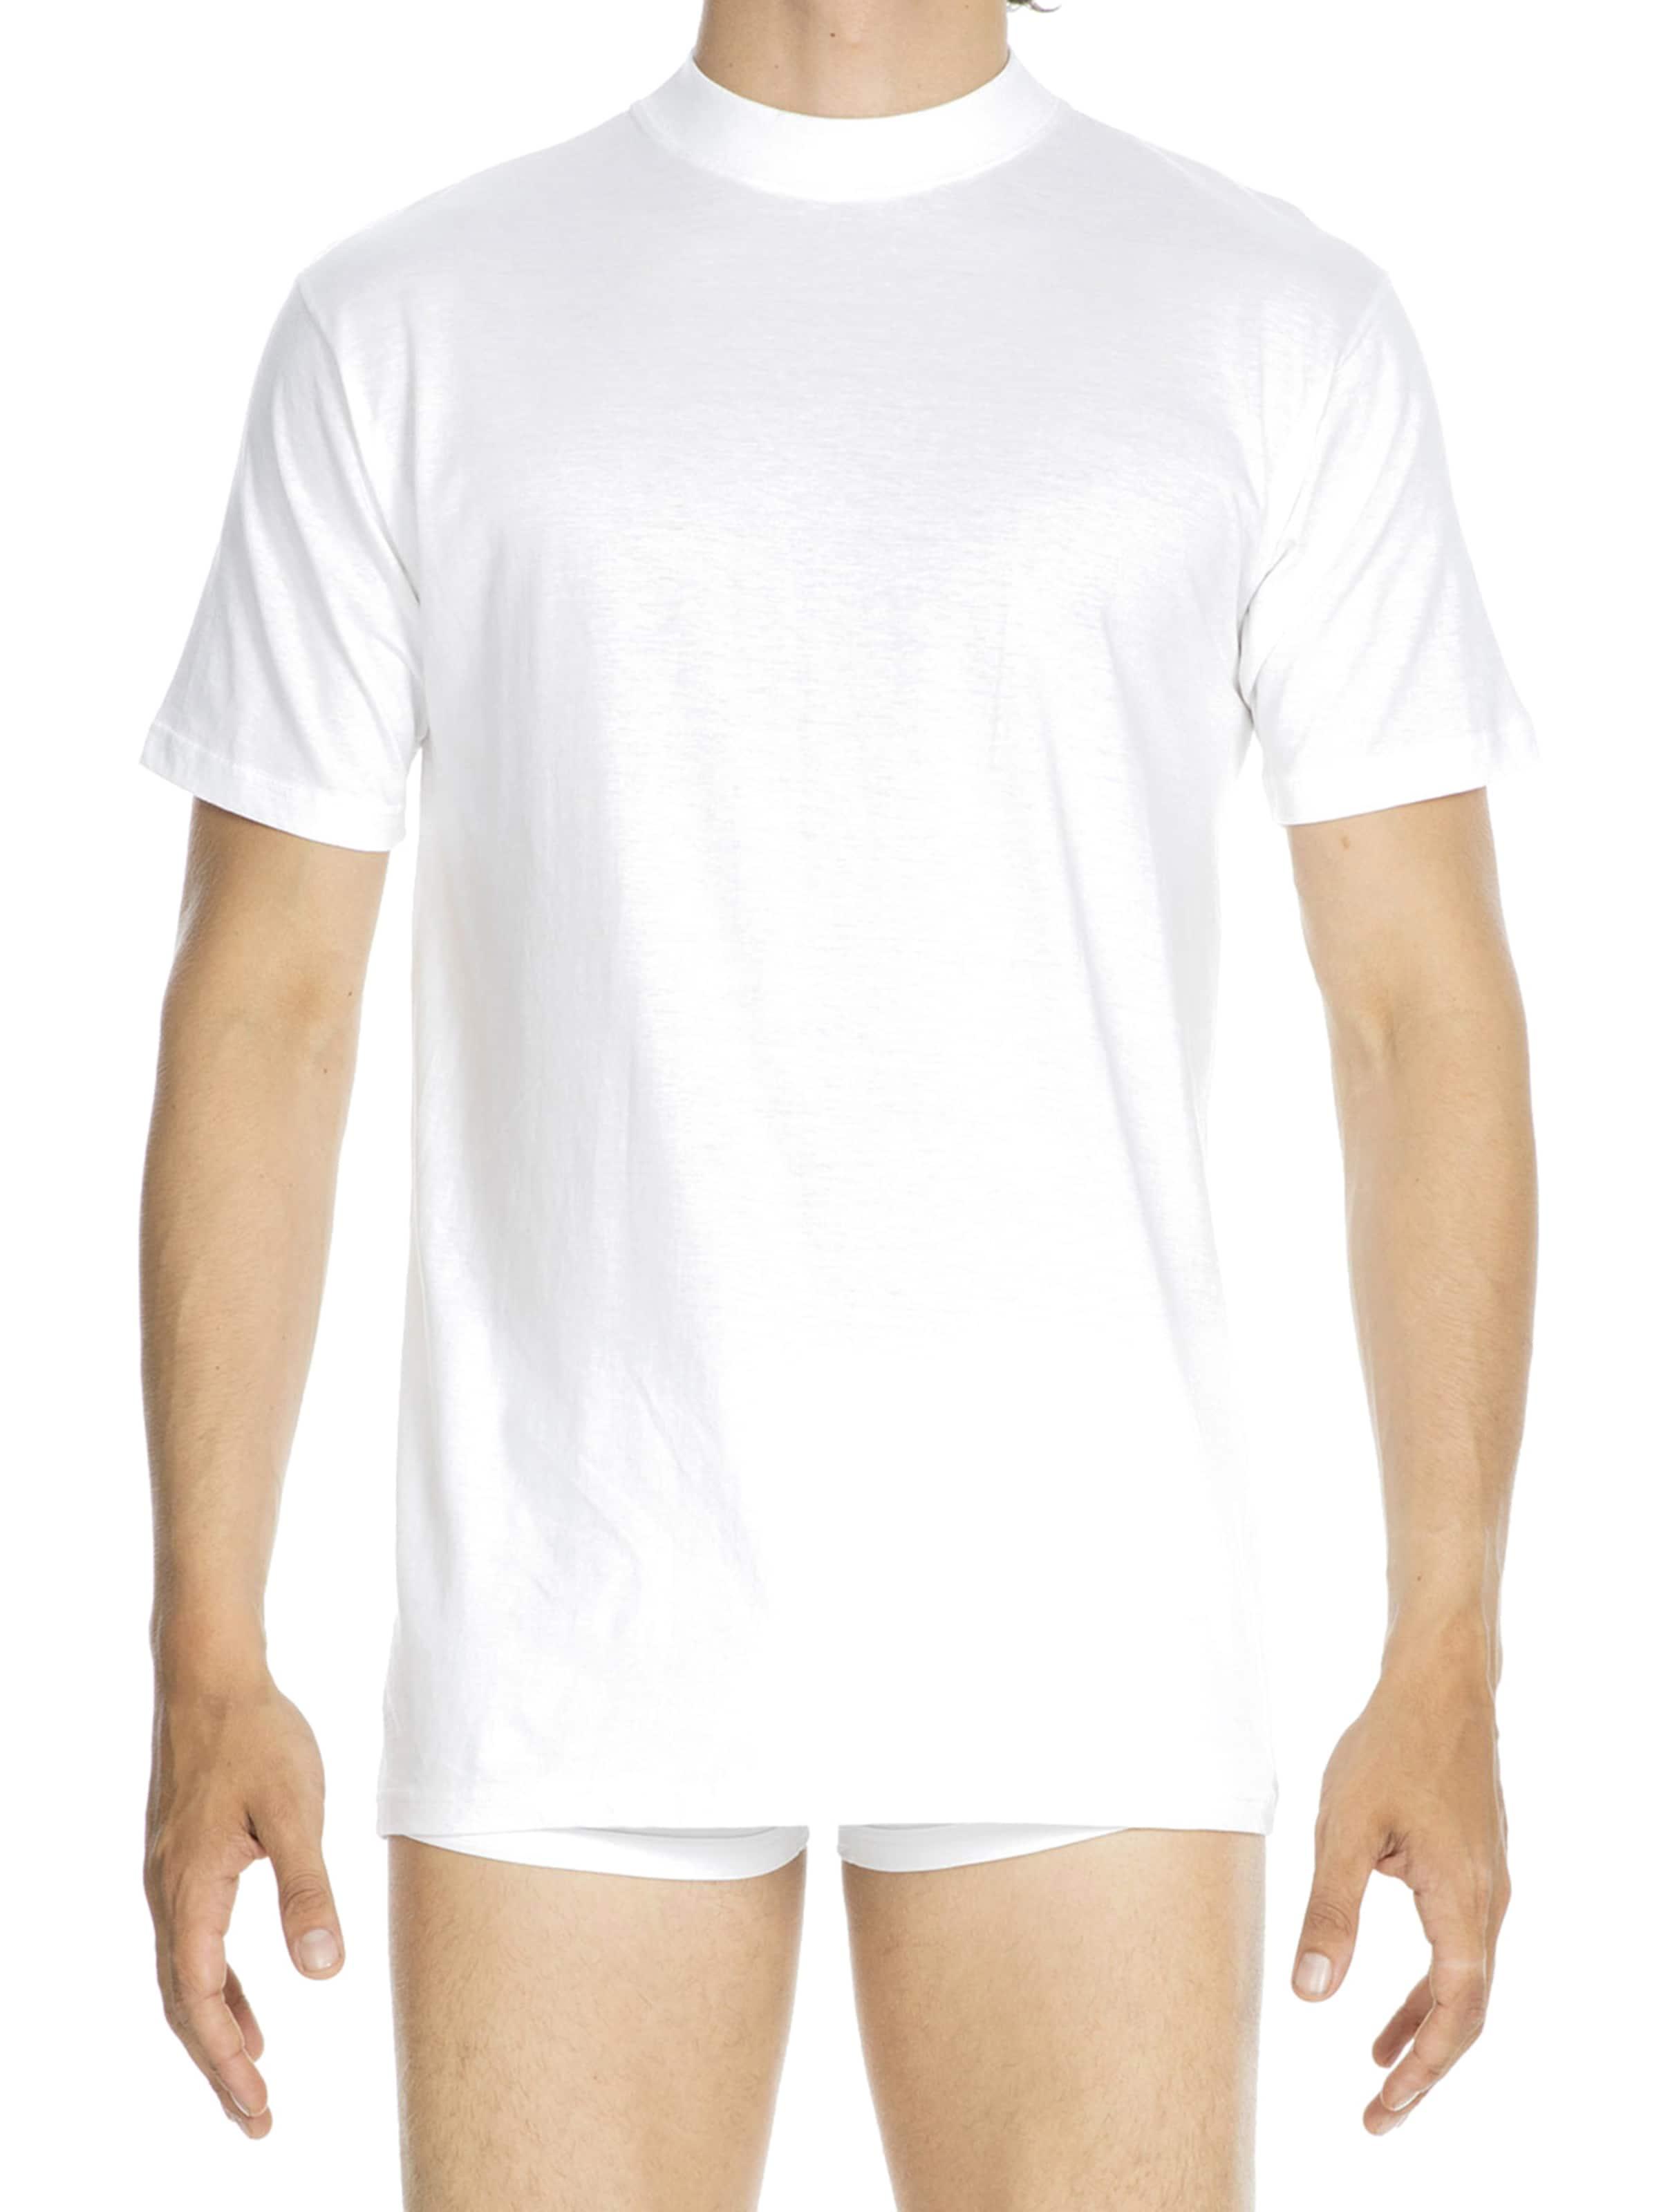 HOM Shirt 'Harro New' in weiß Unifarben 12507